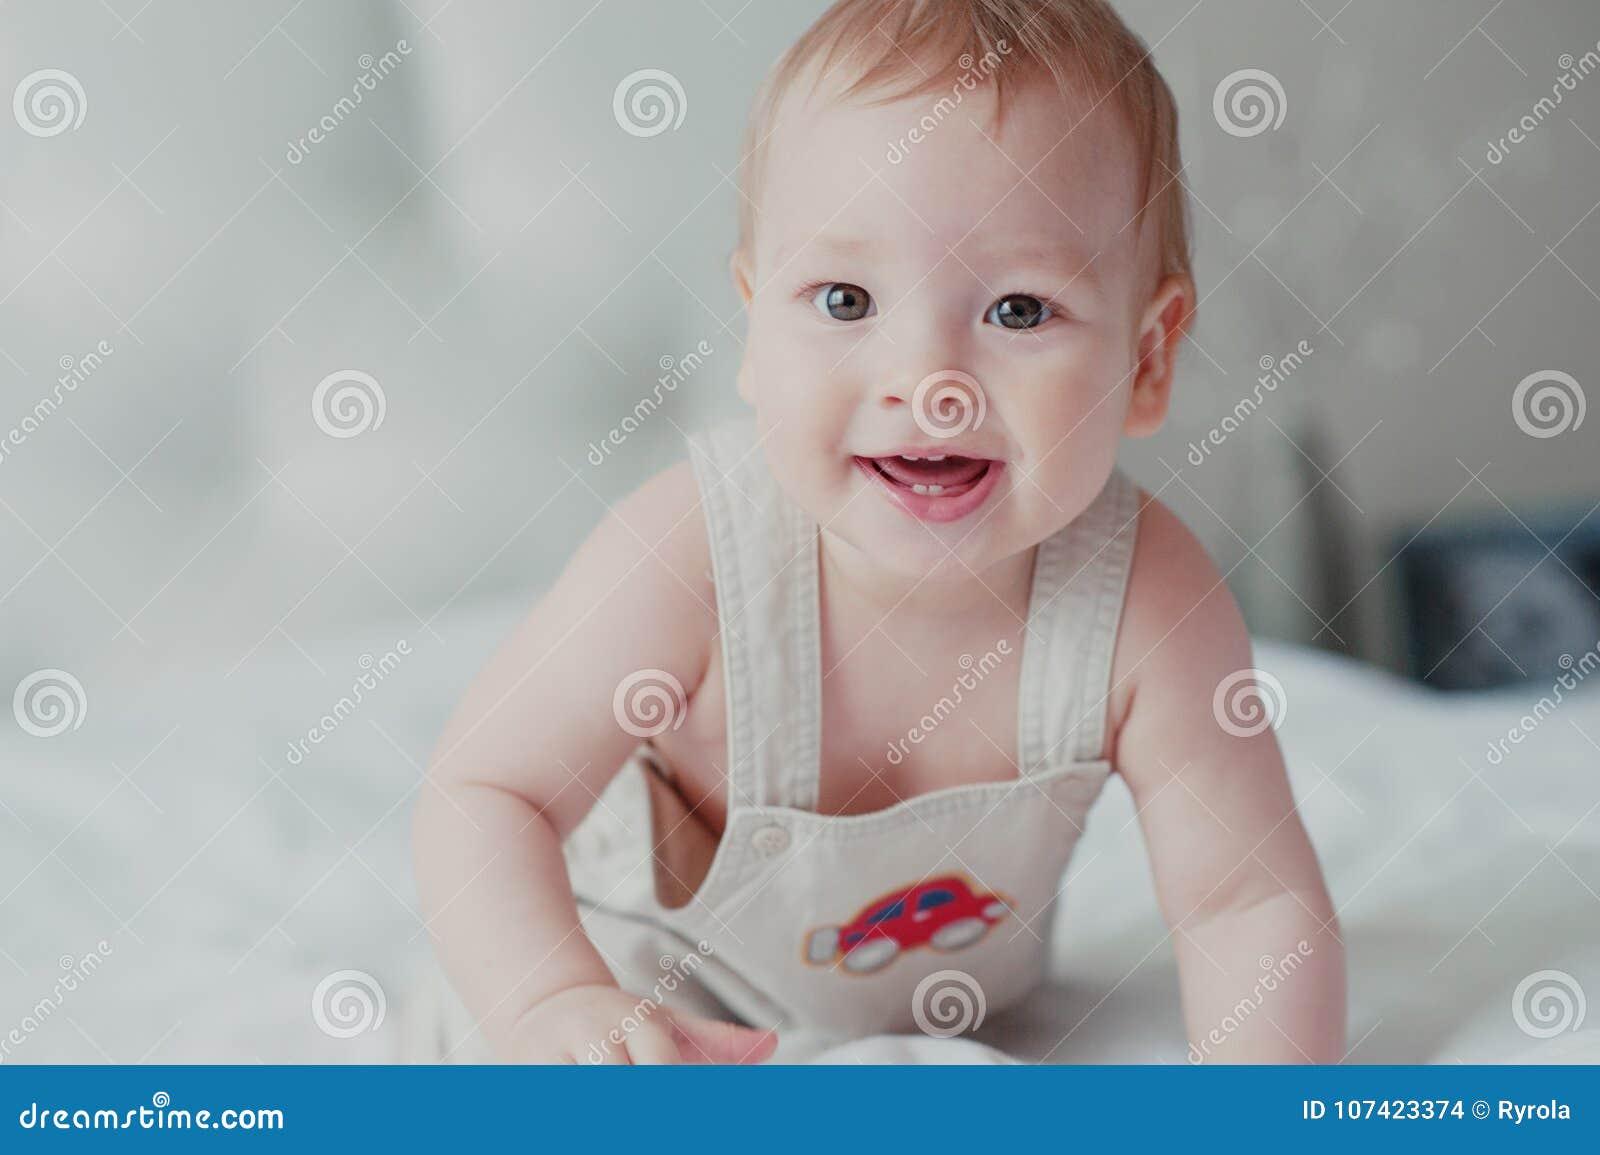 Πορτρέτο ενός χαμογελώντας μικρού παιδιού στο κρεβάτι